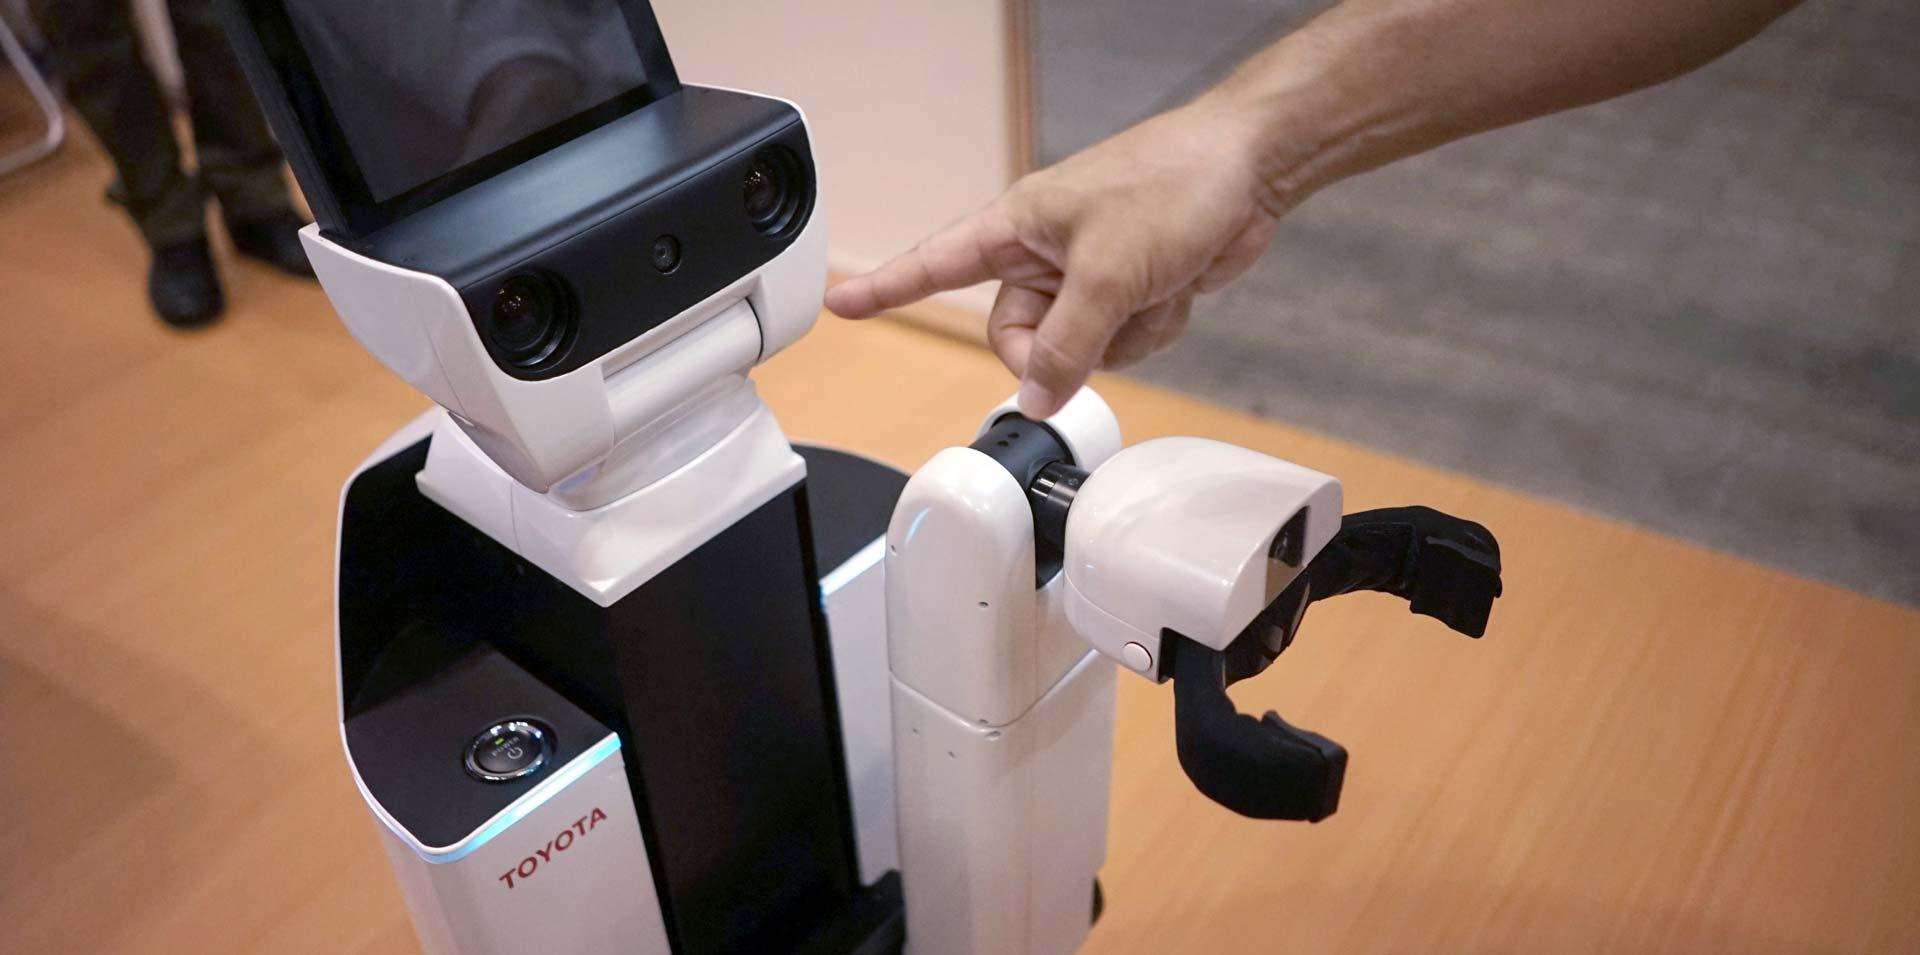 Vi samo radite nered, a ovaj robot će ČISTITI ZA VAMA!